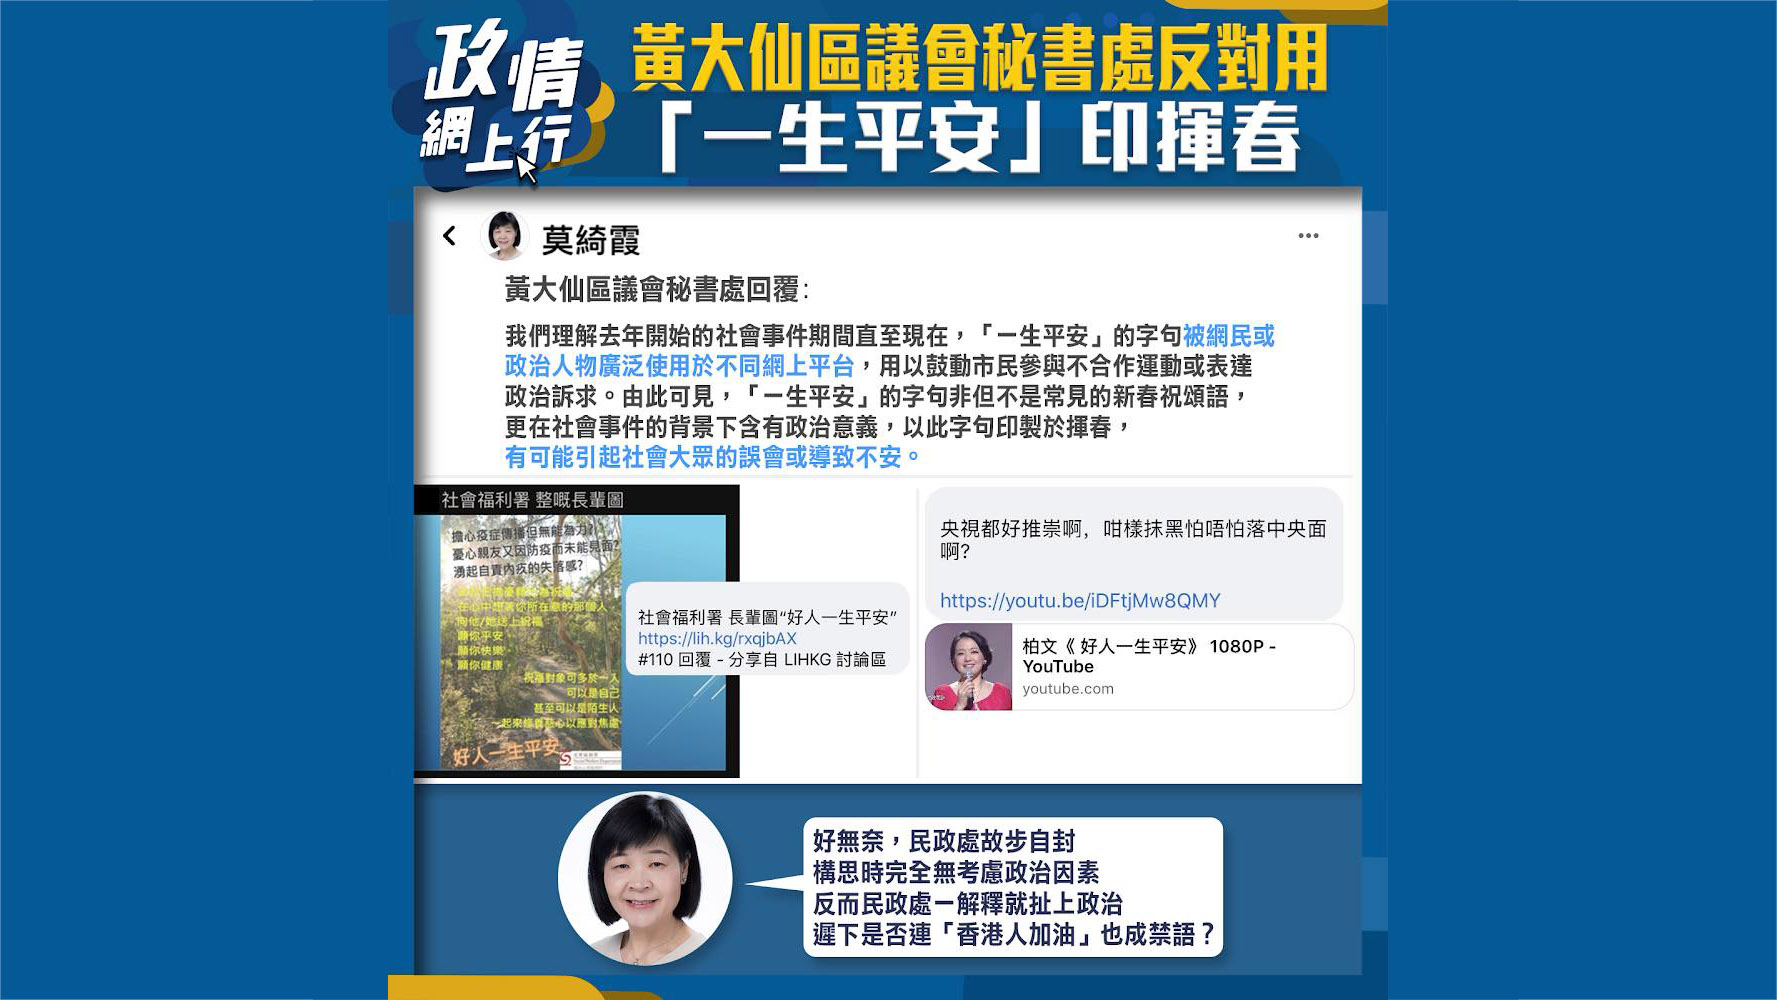 【政情網上行】黃大仙區議會秘書處反對用「一生平安」印揮春